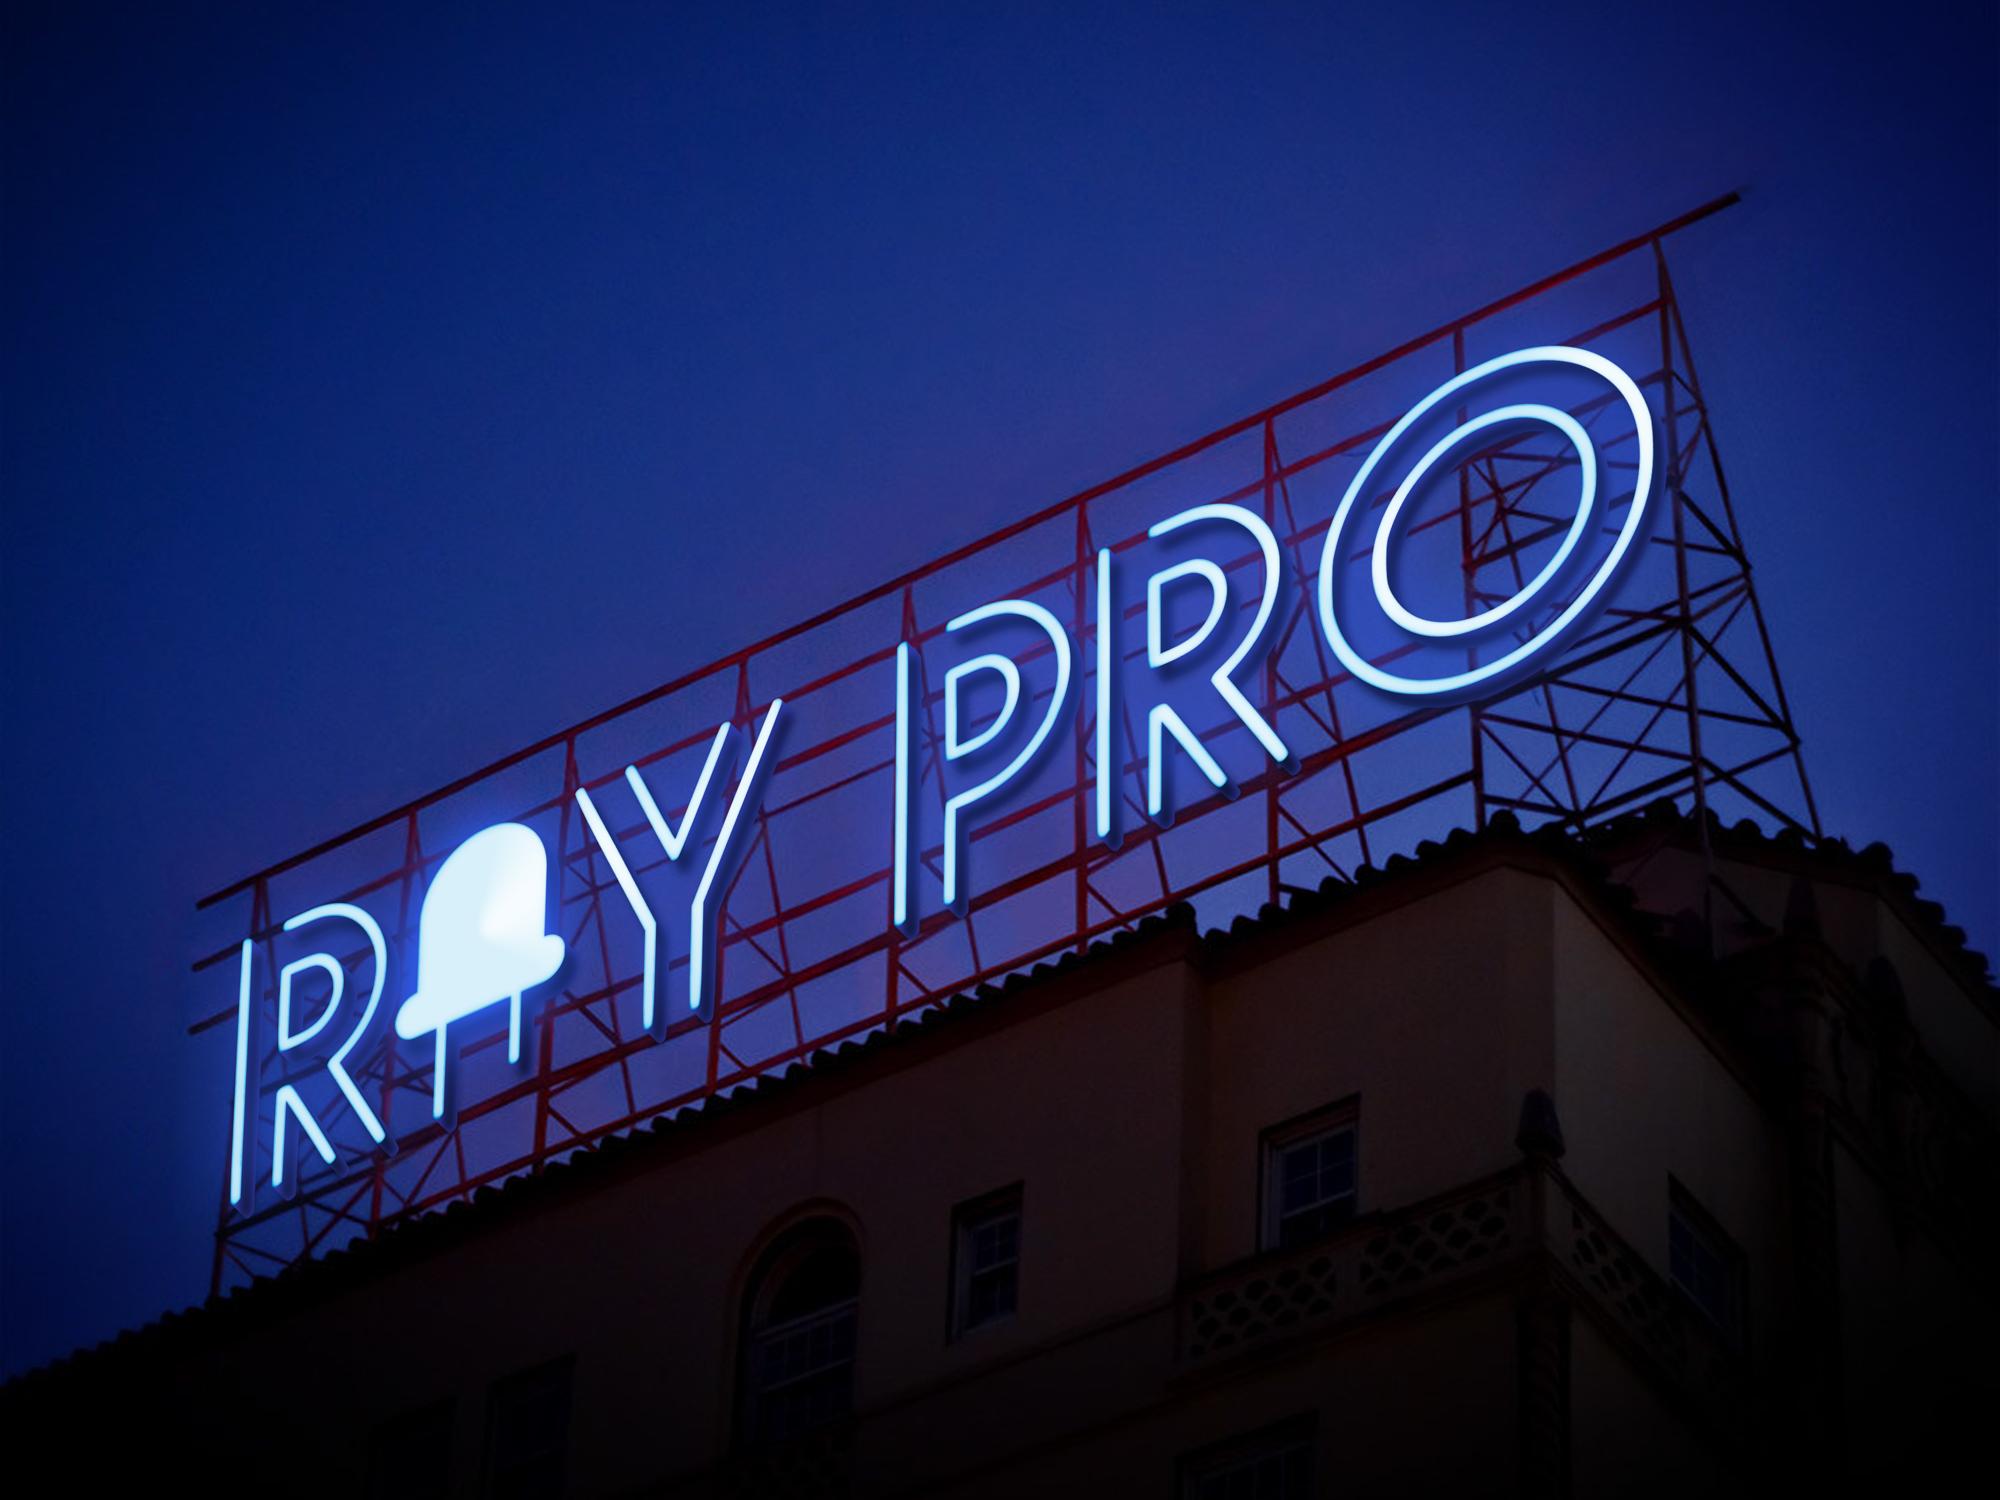 Разработка логотипа (продукт - светодиодная лента) фото f_0325bbf94c4d7ae6.png